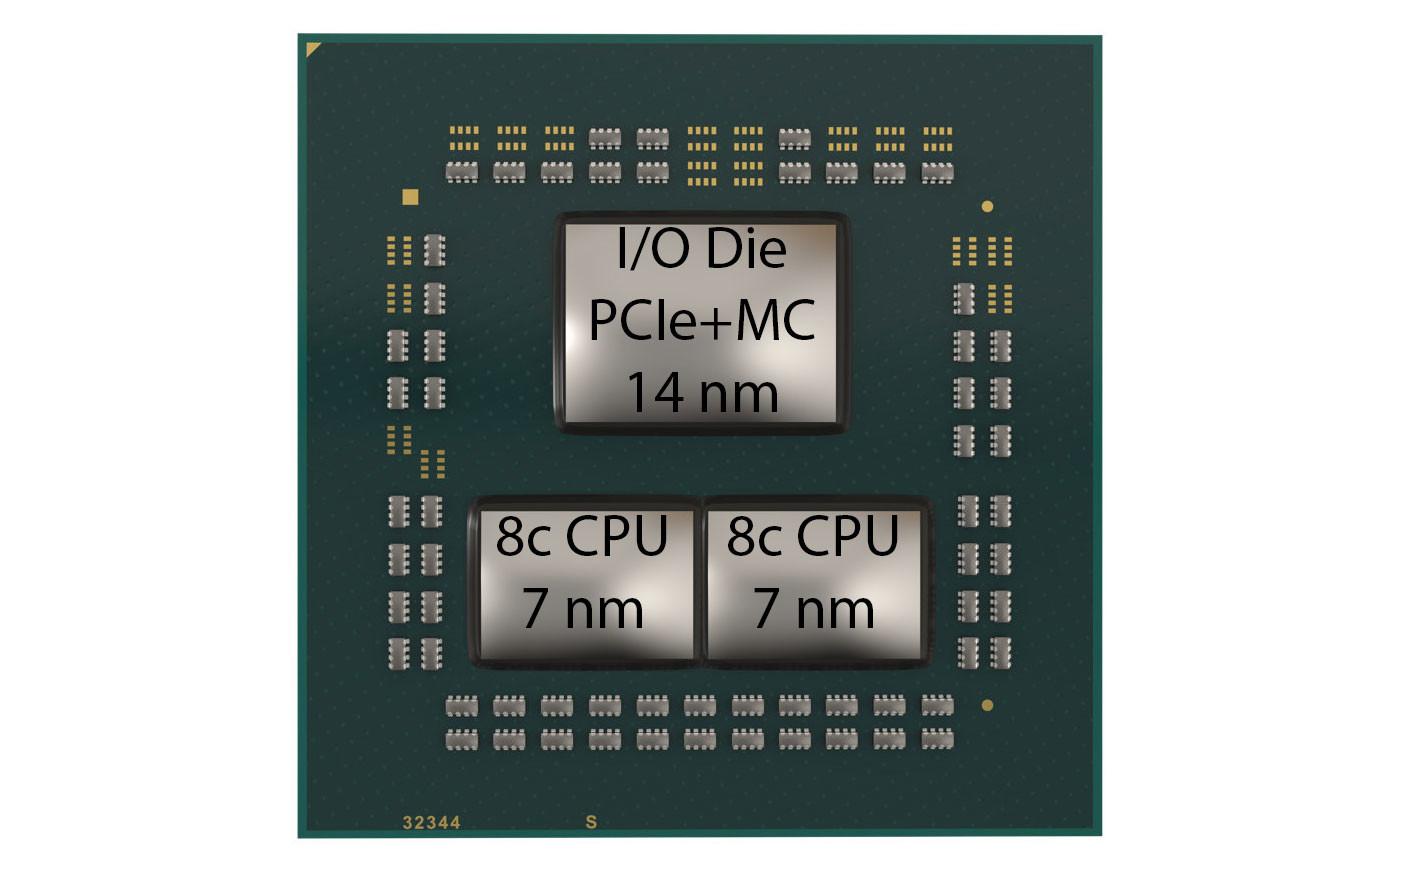 .td_uid_42_5ca37899aac63_rand.td-a-rec-img{text-align:left}.td_uid_42_5ca37899aac63_rand.td-a-rec-img img{margin:0 auto 0 0}Отдавна се знае, че AMD това